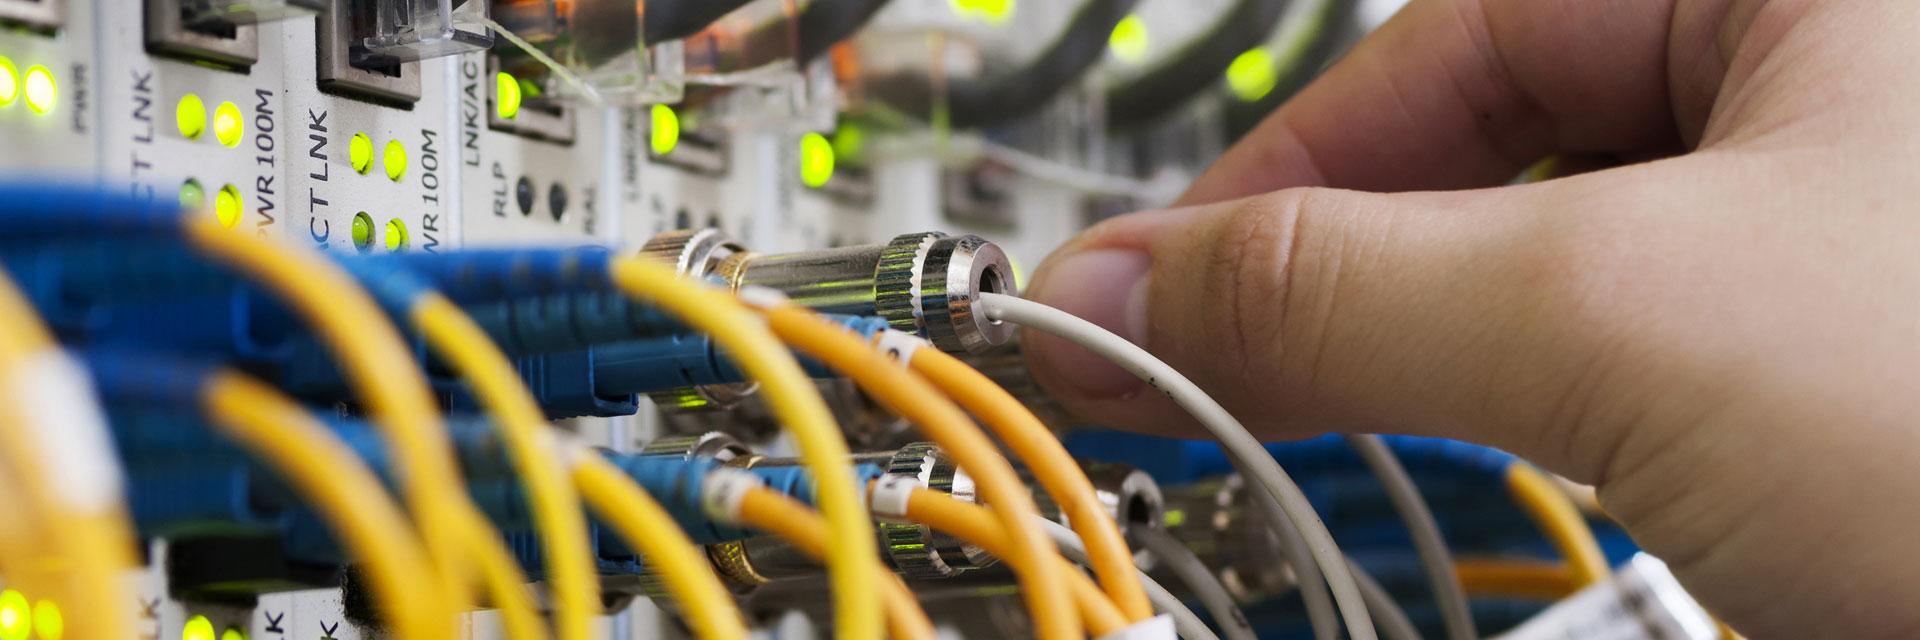 شرکت خدمات راه اندازی شبکه